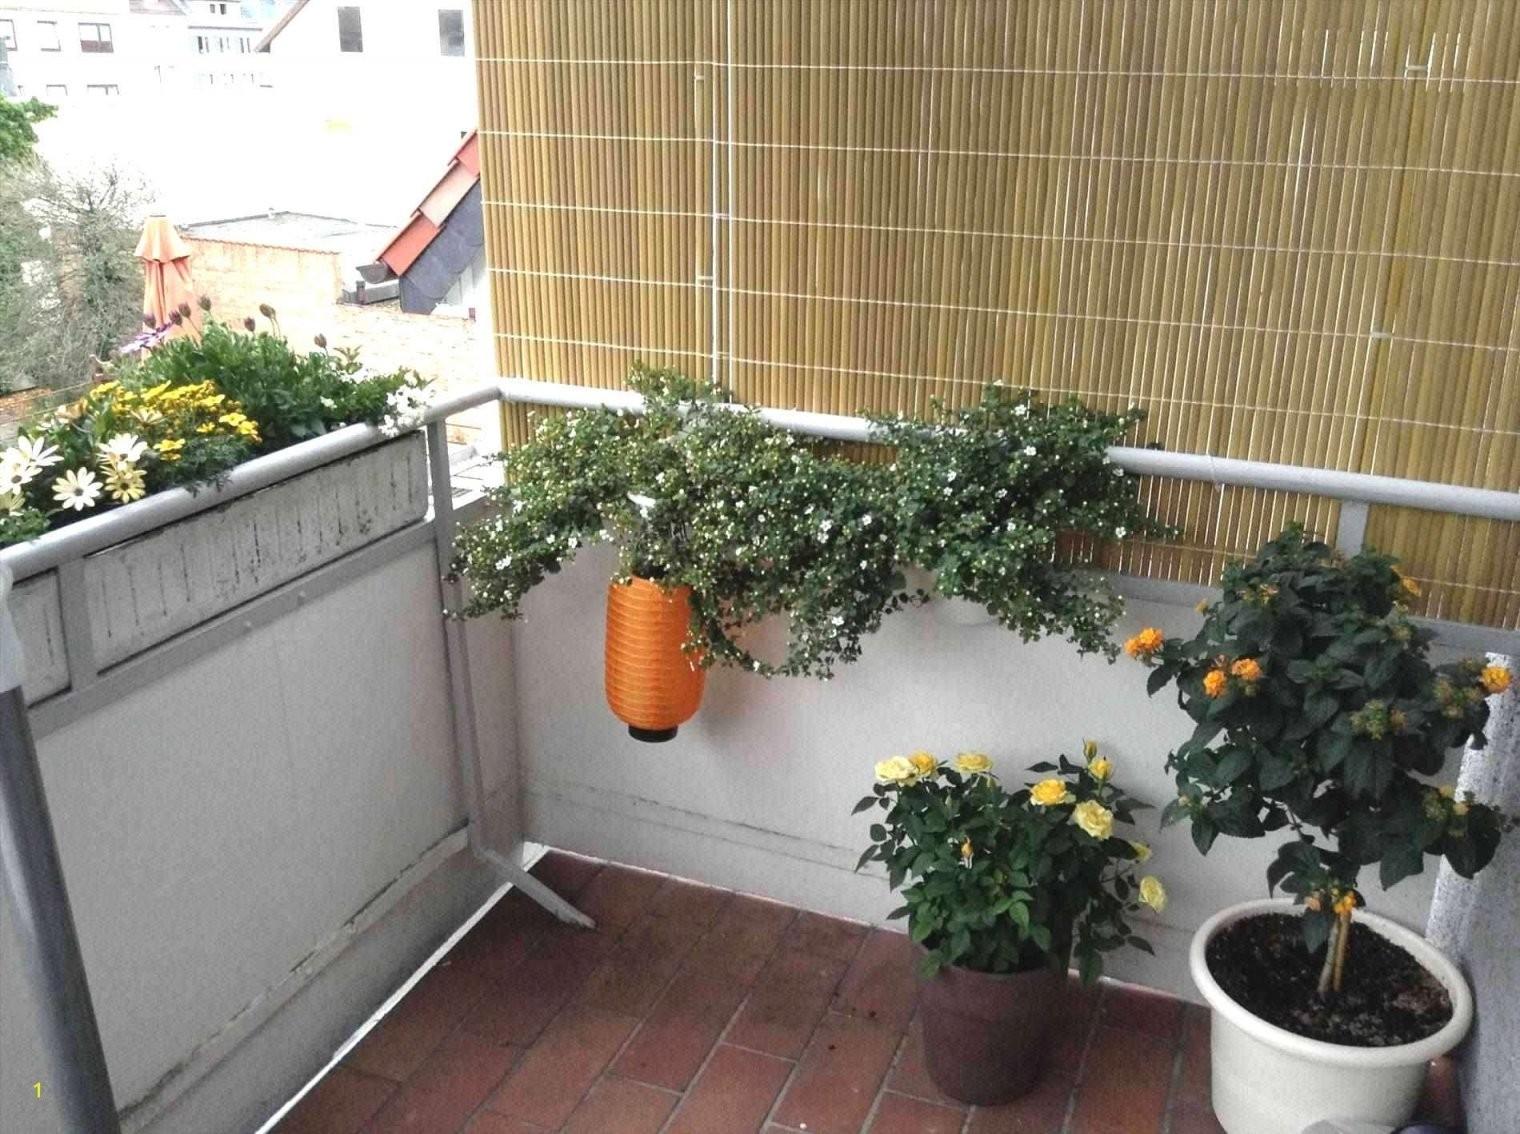 Sonnendach Garten Einzigartig Sonnensegel Balkon Ohne Bohren Das von Sonnensegel Balkon Ohne Bohren Photo